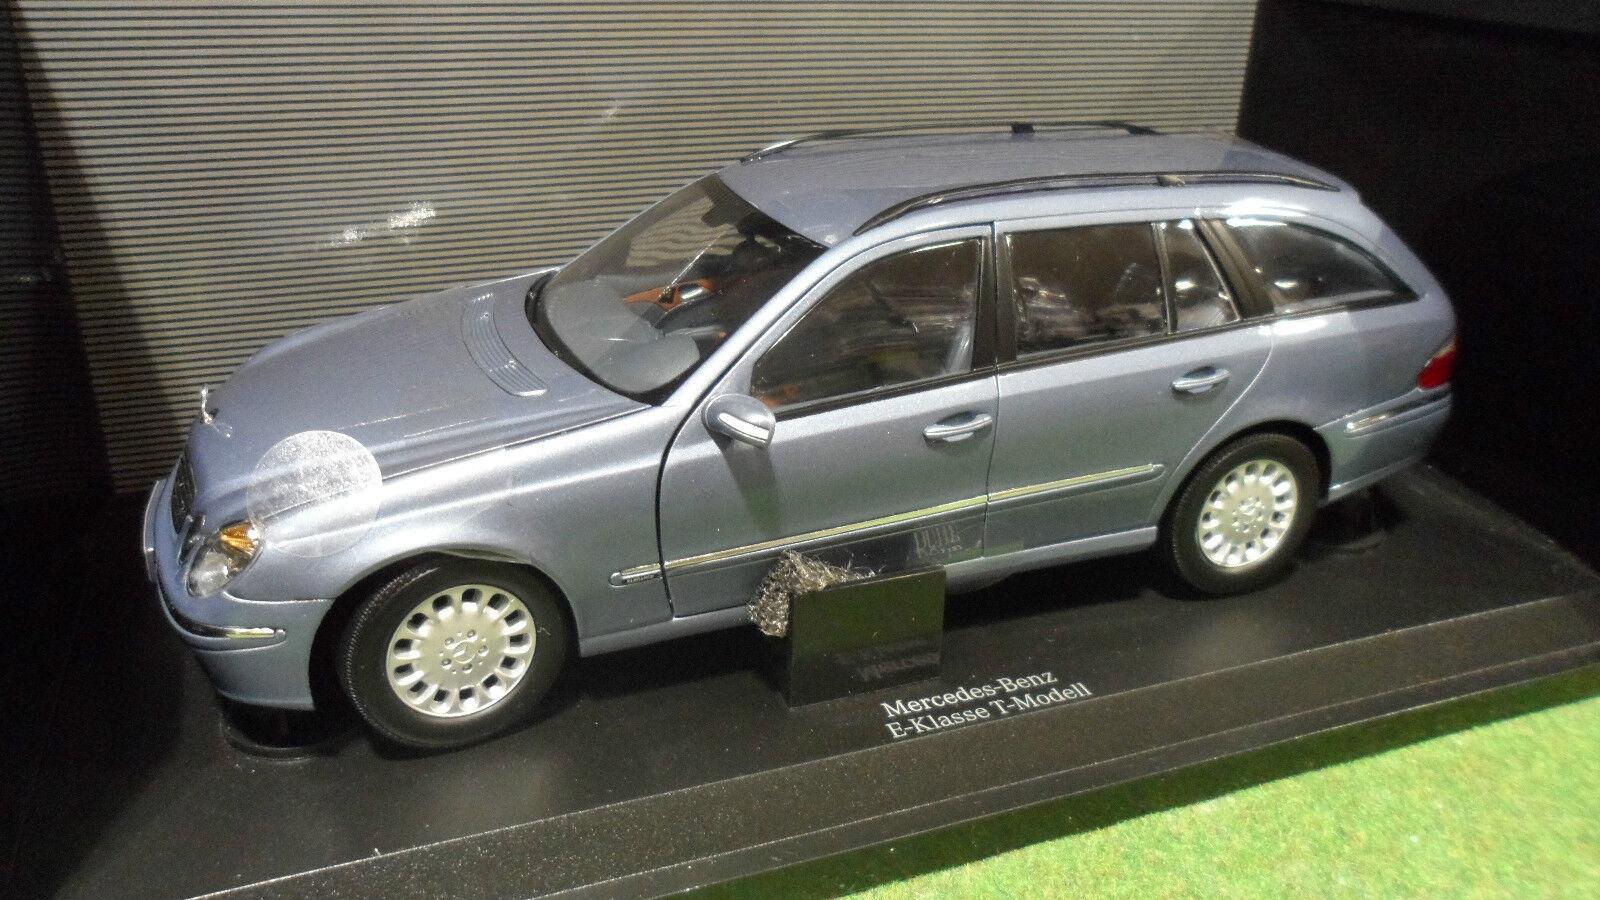 MERCEDES BENZ E-KLASSE T-MODELL CLASS au 1 18 KYOSHO B66962168 voiture miniature